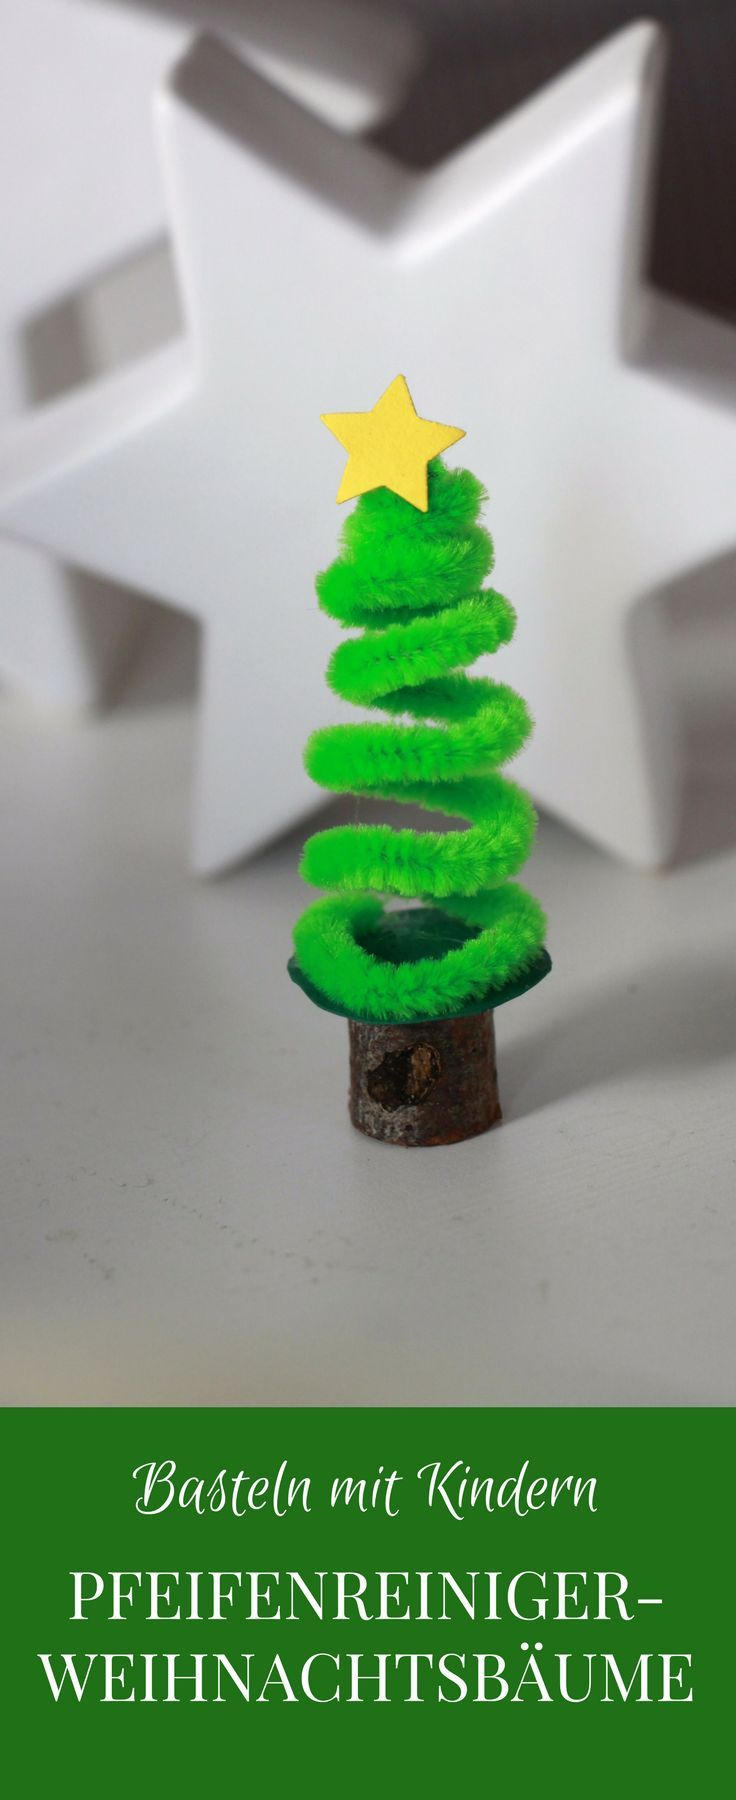 Basteln Mit Pfeifenreinigern: Pfeifenreiniger-Tannenbaum Als bestimmt für Weihnachtliche Bastelideen Für Kinder